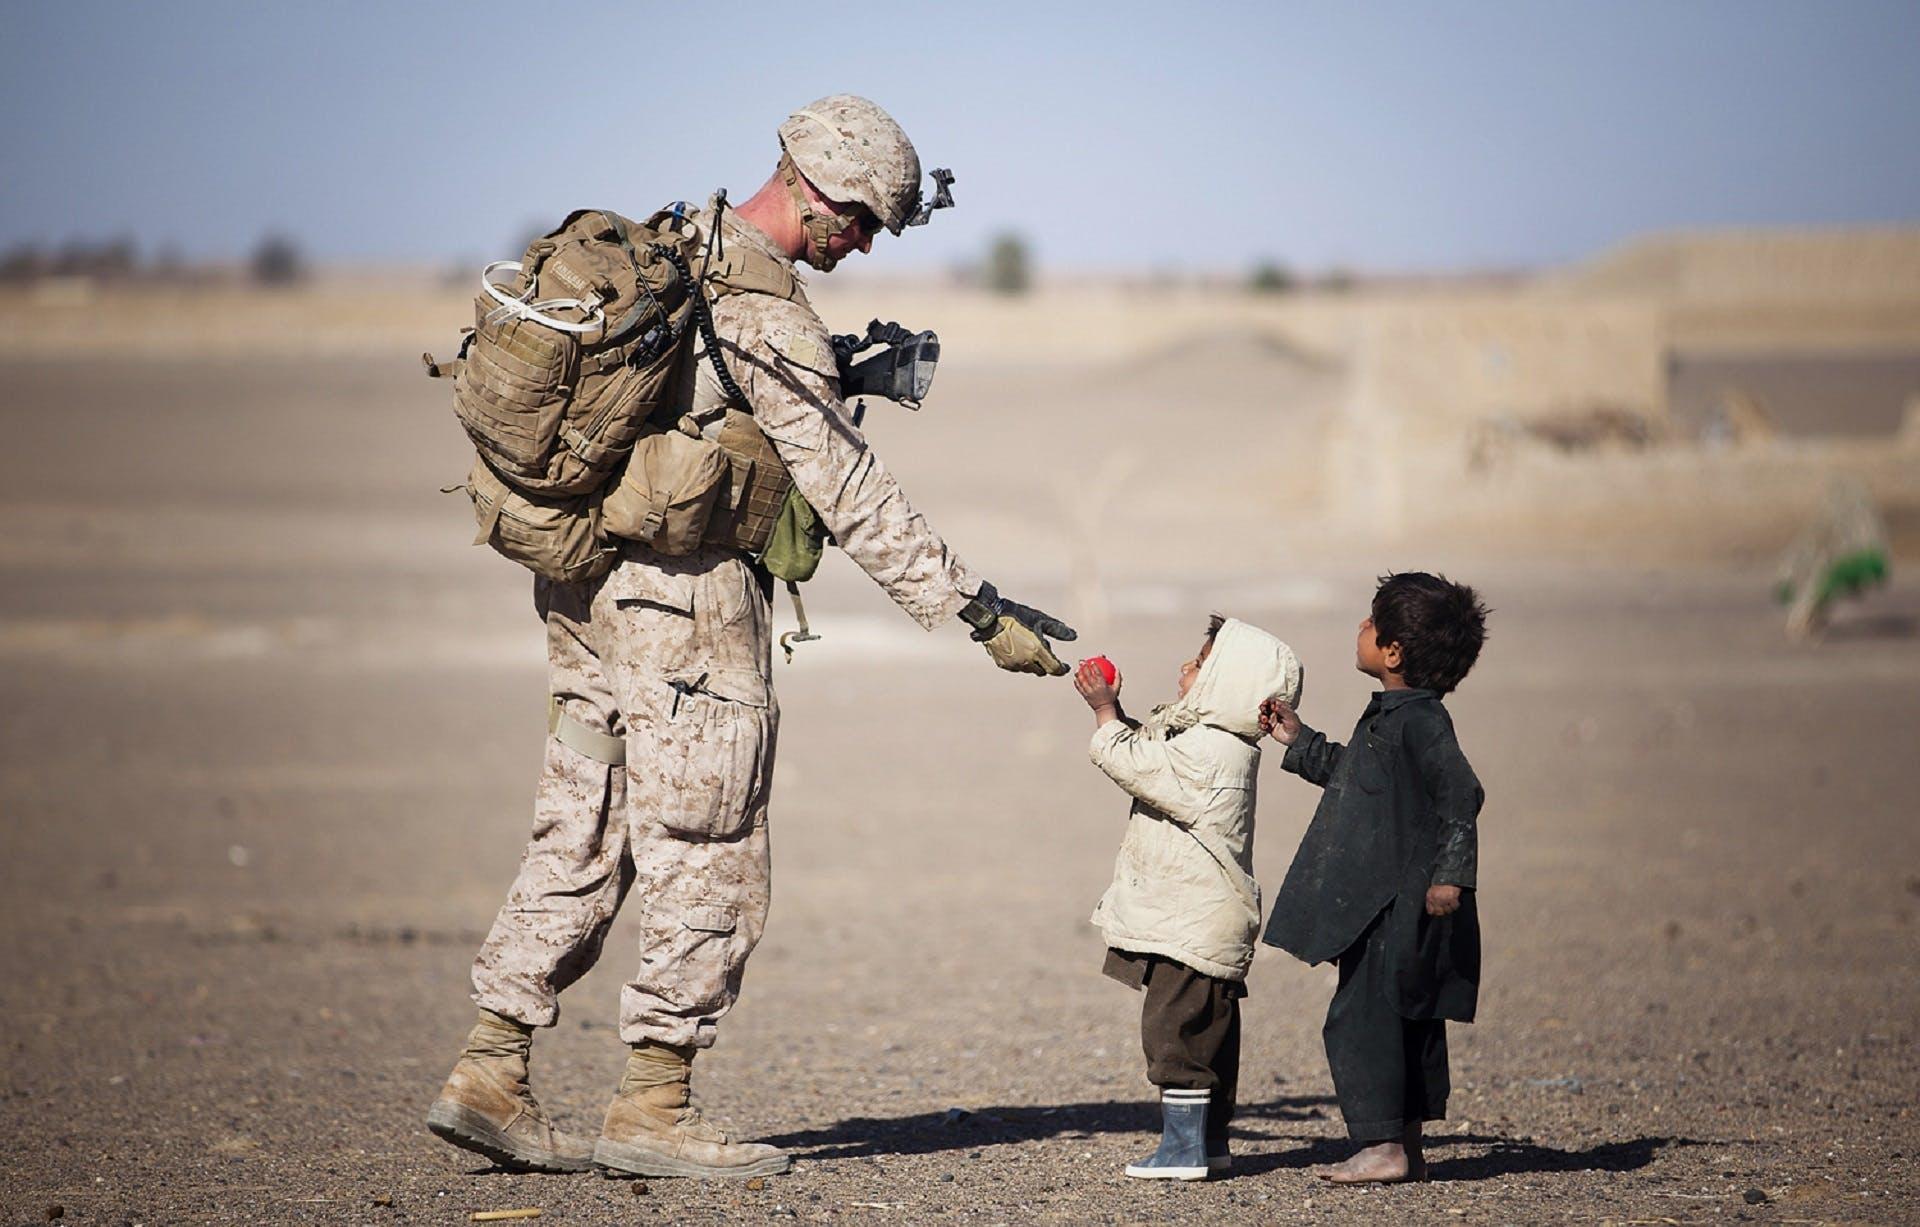 Foto d'estoc gratuïta de ajuda, amics, beneficència, desert